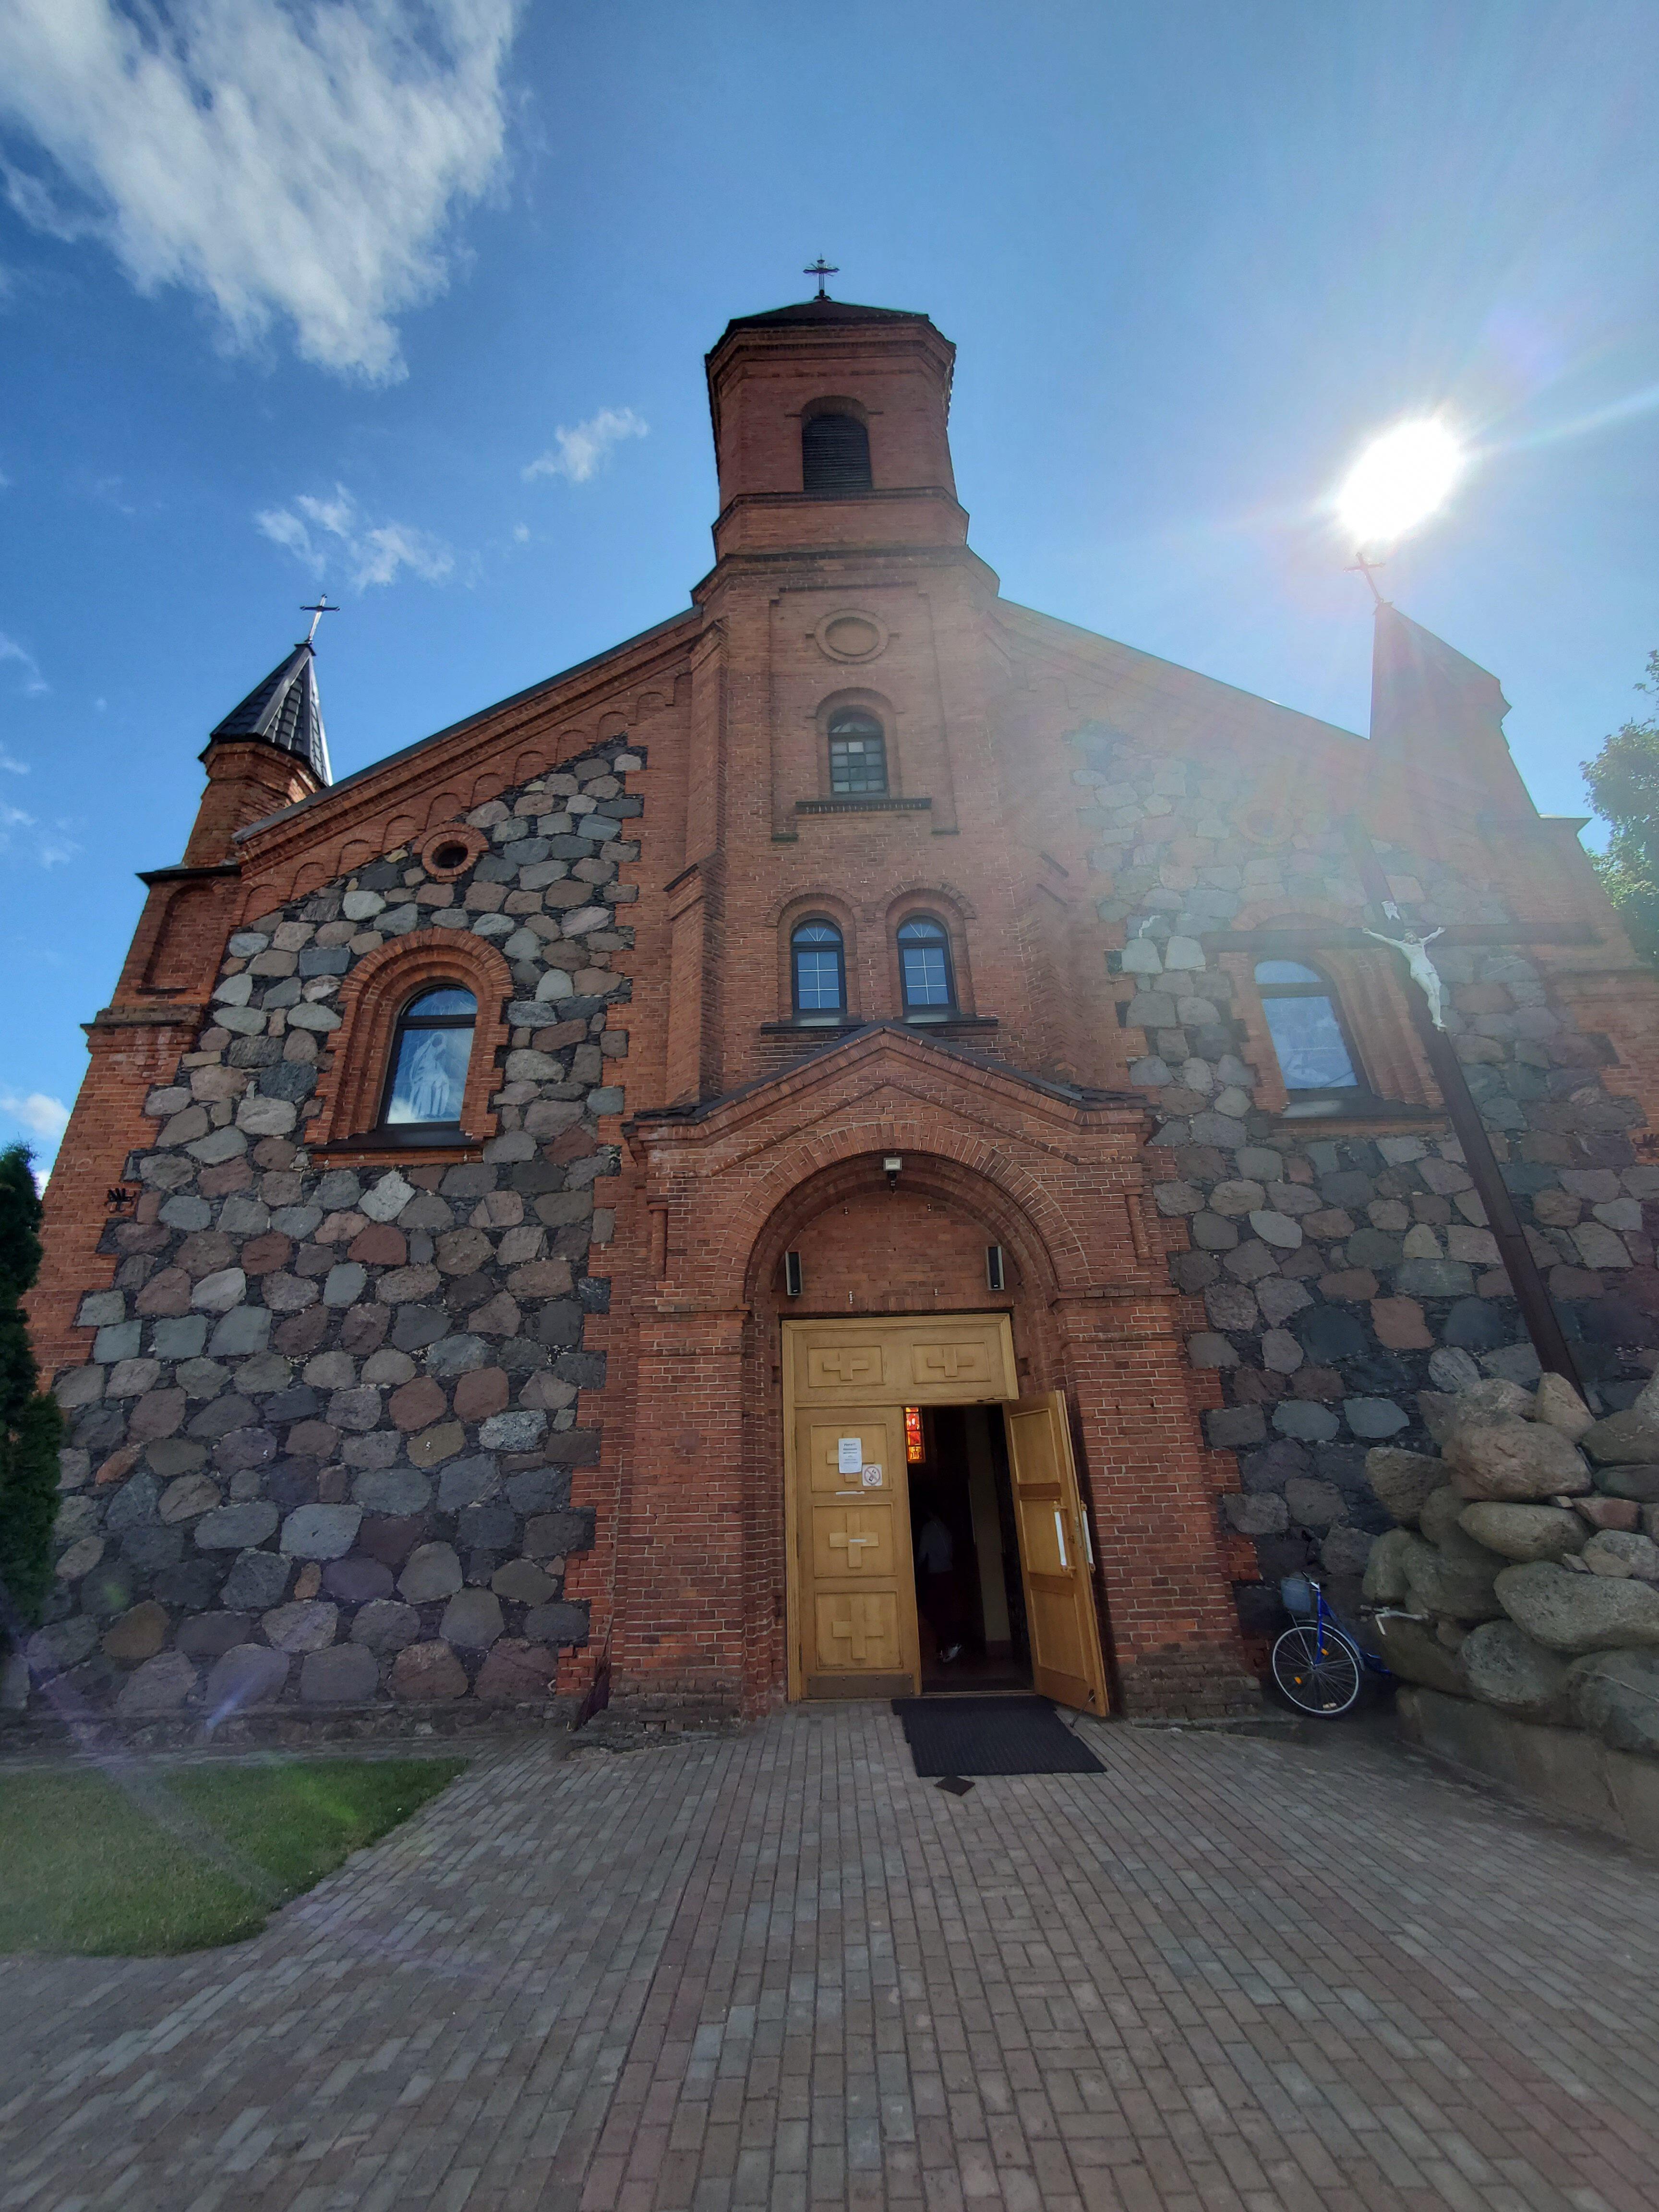 20200801 113958 rotated - Костел Рождества Пресвятой Девы Марии в Браславе